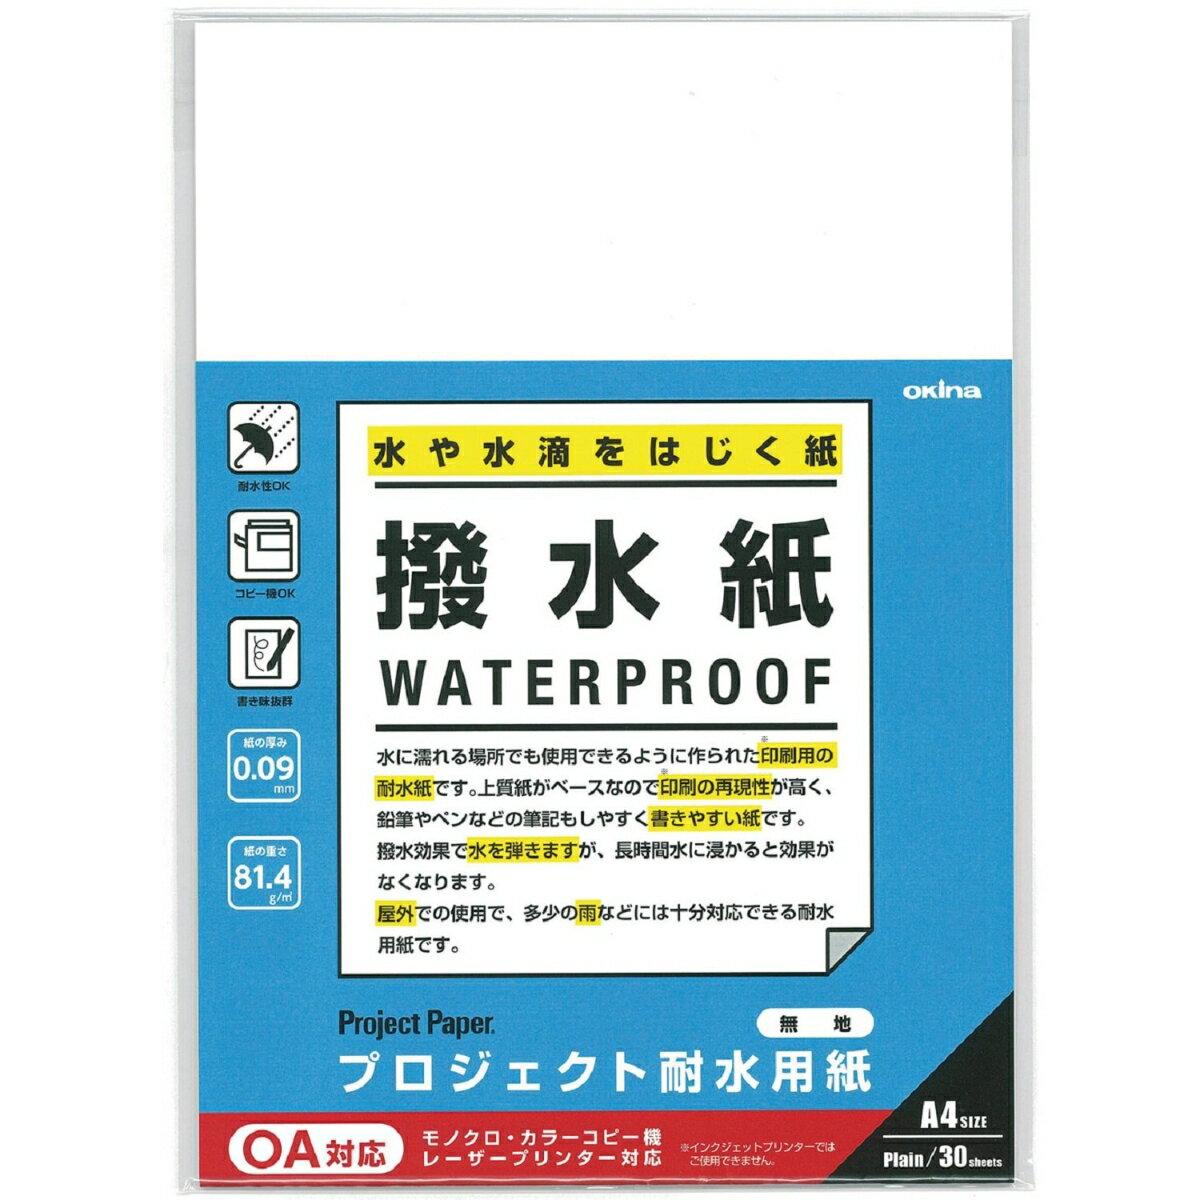 オキナ 耐水紙 プロジェクト耐水用紙 撥水 無地 A4 30枚 PW3047画像